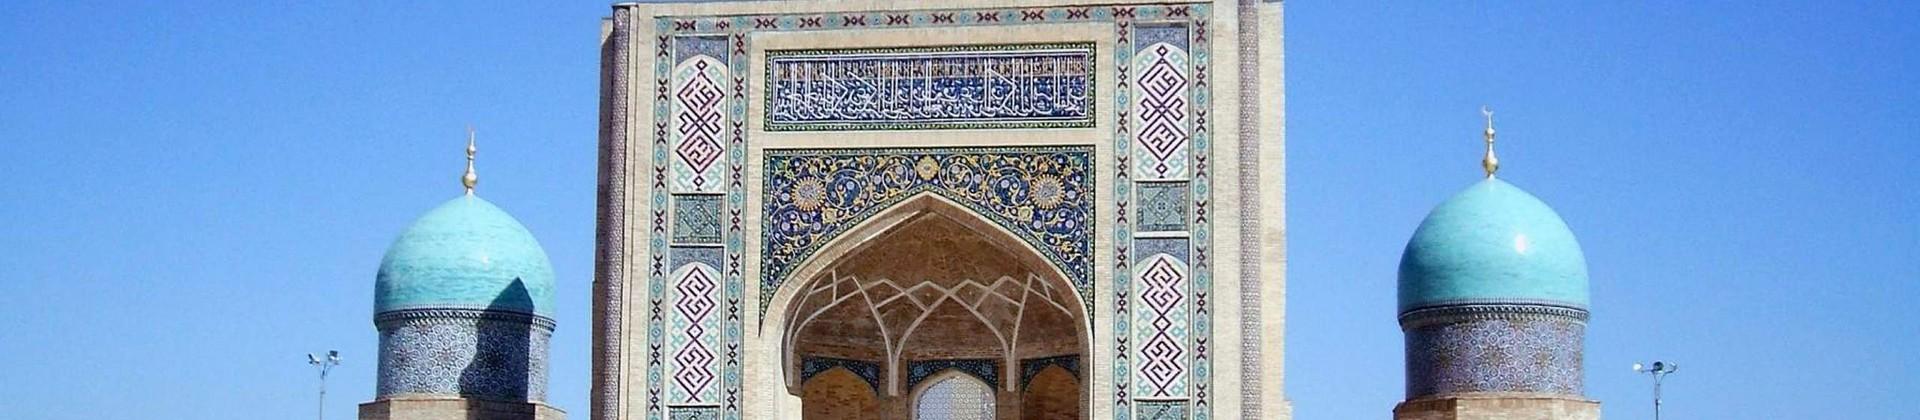 Barakhan Madrasah - 1